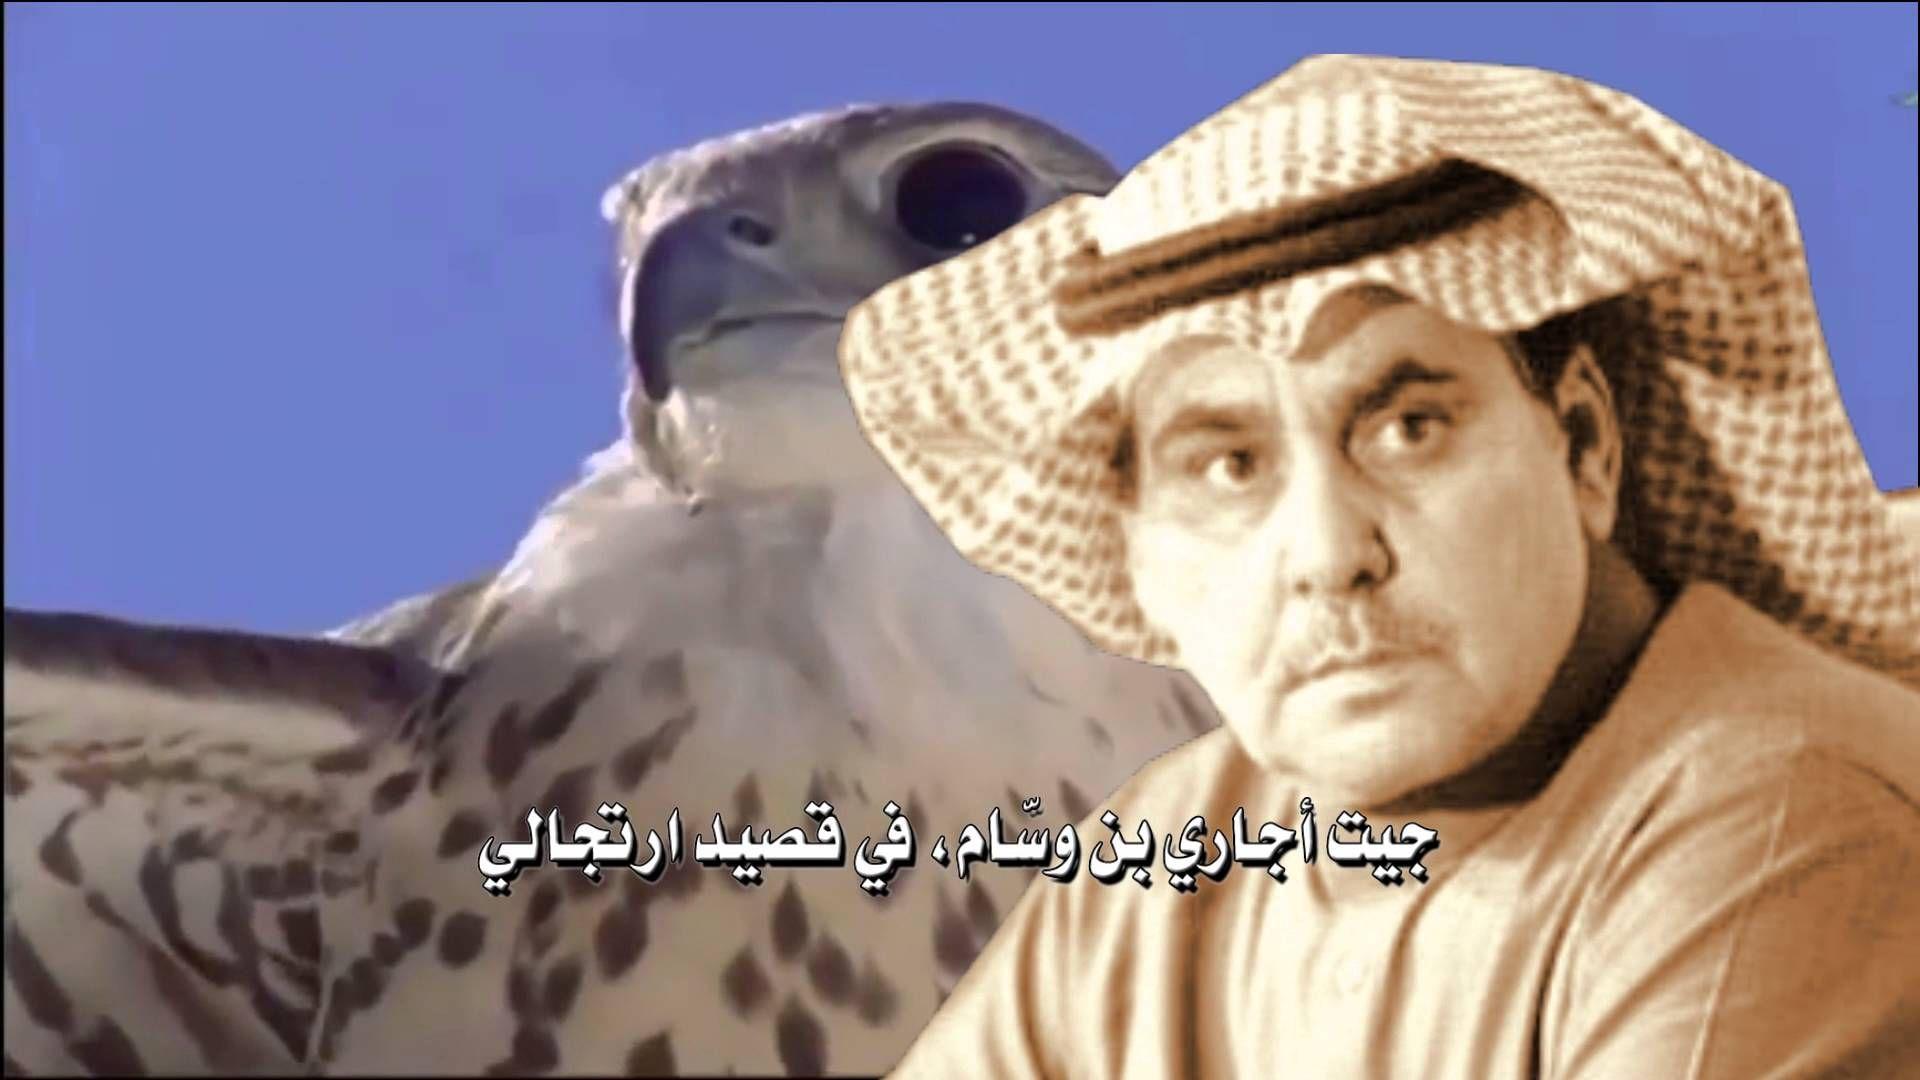 شيلة ابدا باسمك ياربي كلمات خالد بن سيف مجاراة للشاعر سلطان الهاجري في قصيدة خلك كذا Youtube